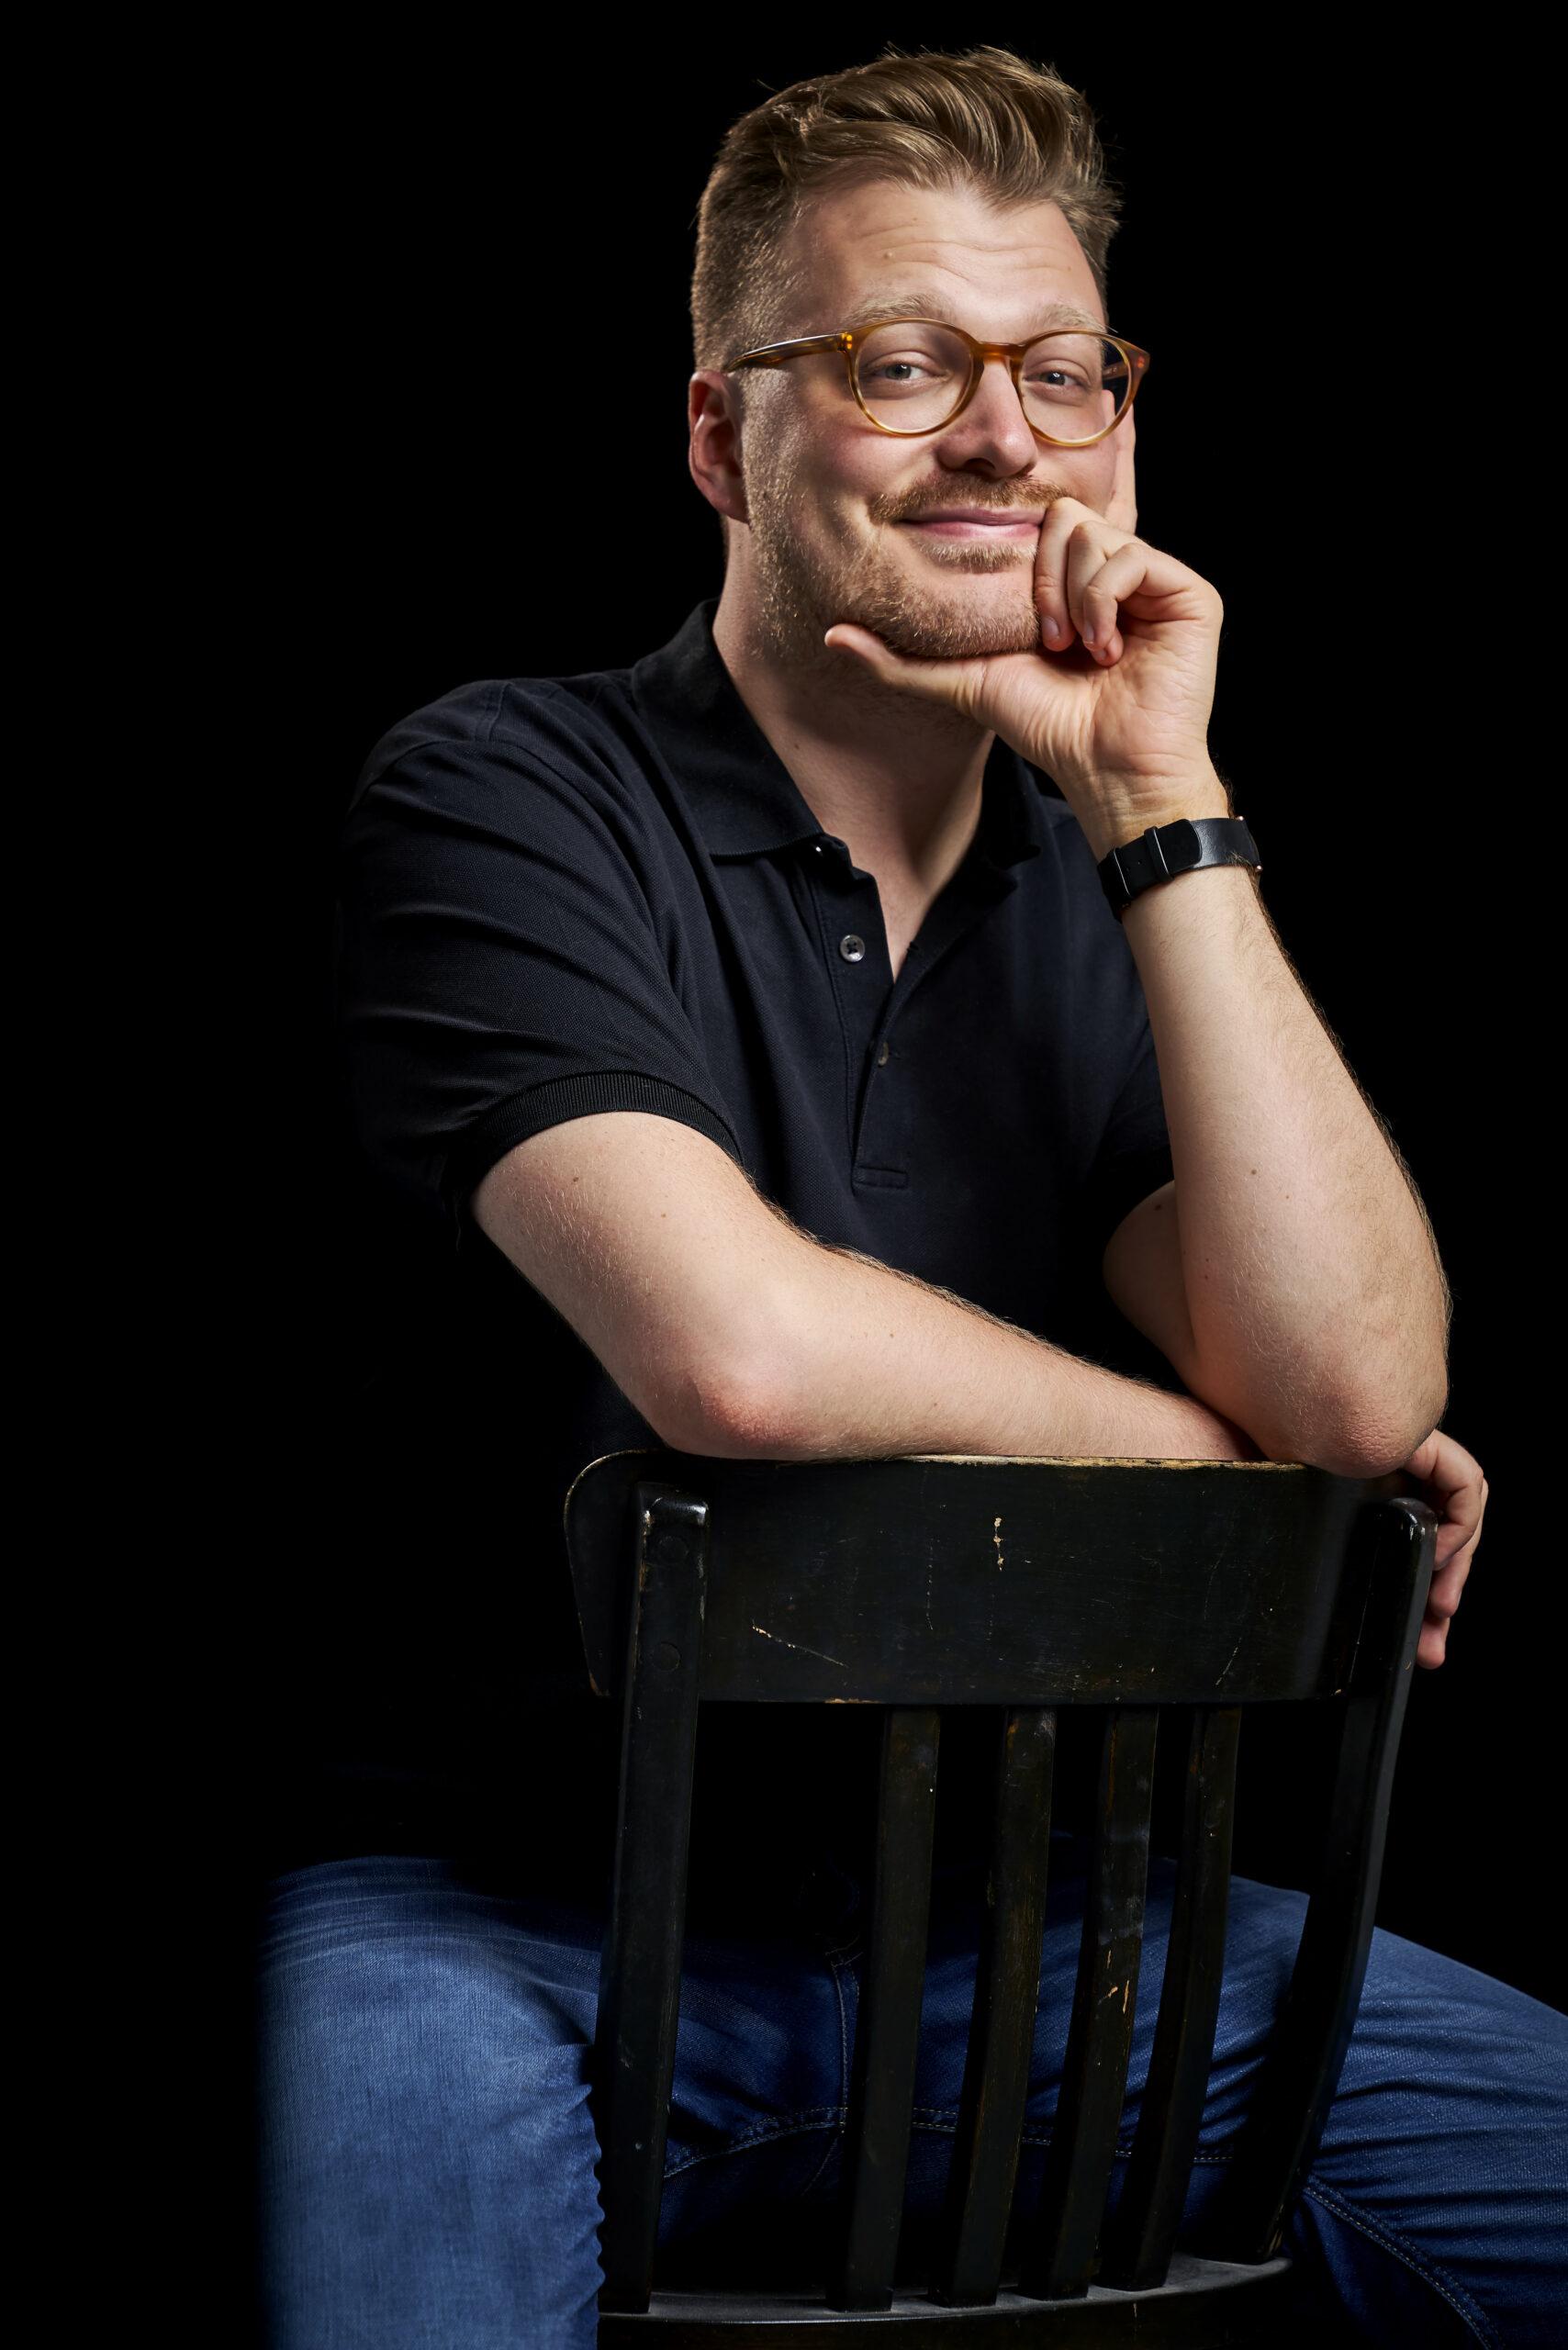 Maxi Gstettenbauer sitzend auf einem Stuhl